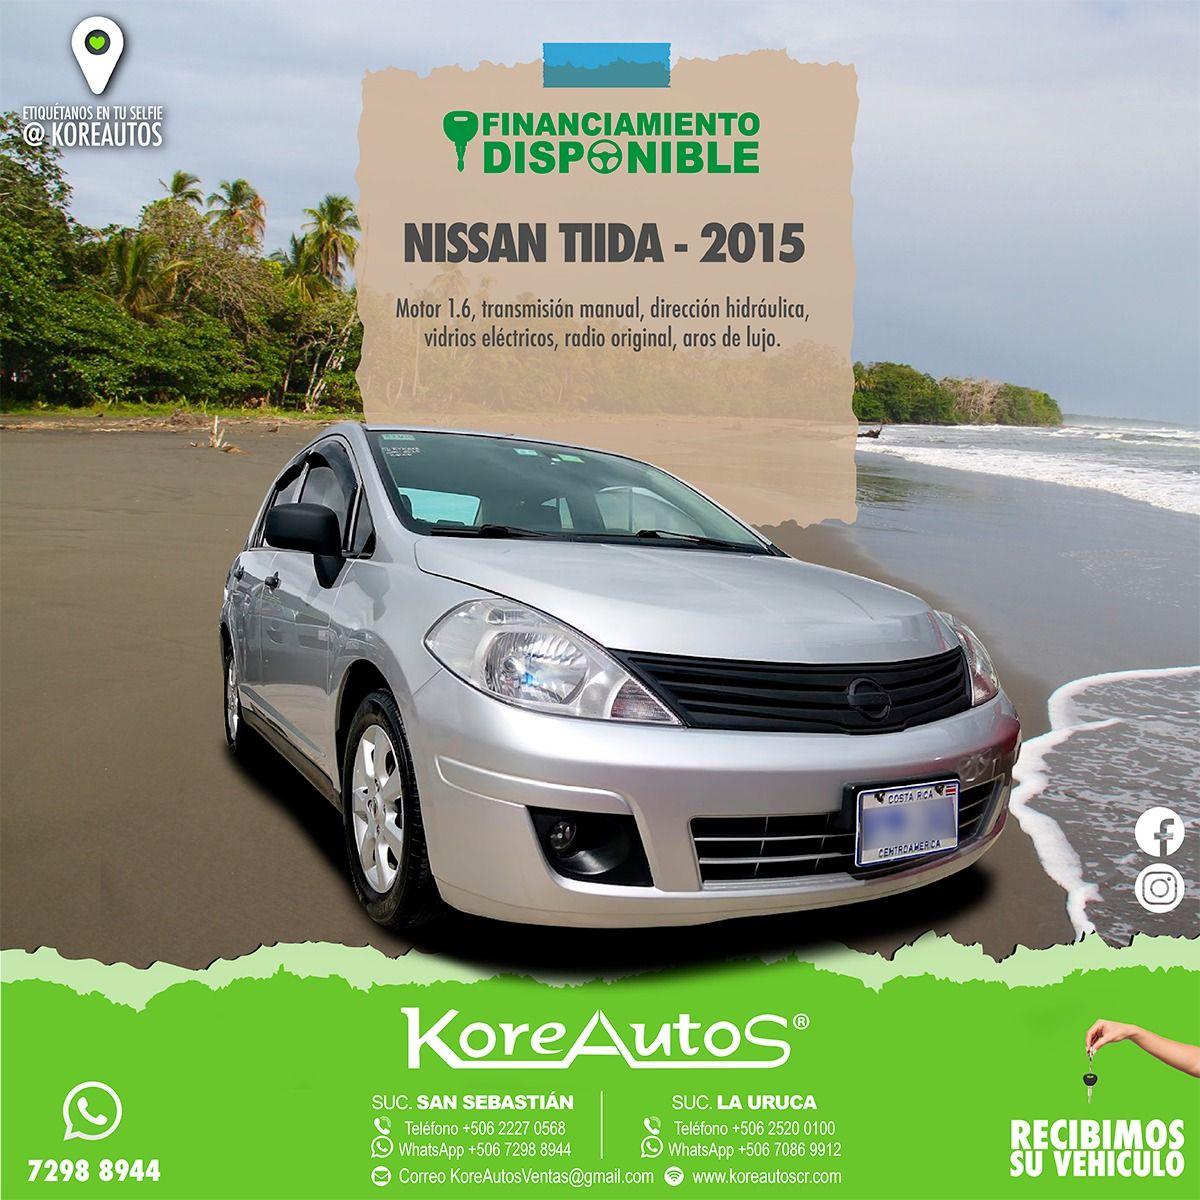 NISSAN TIIDA 2015 Nissan, Vehicles